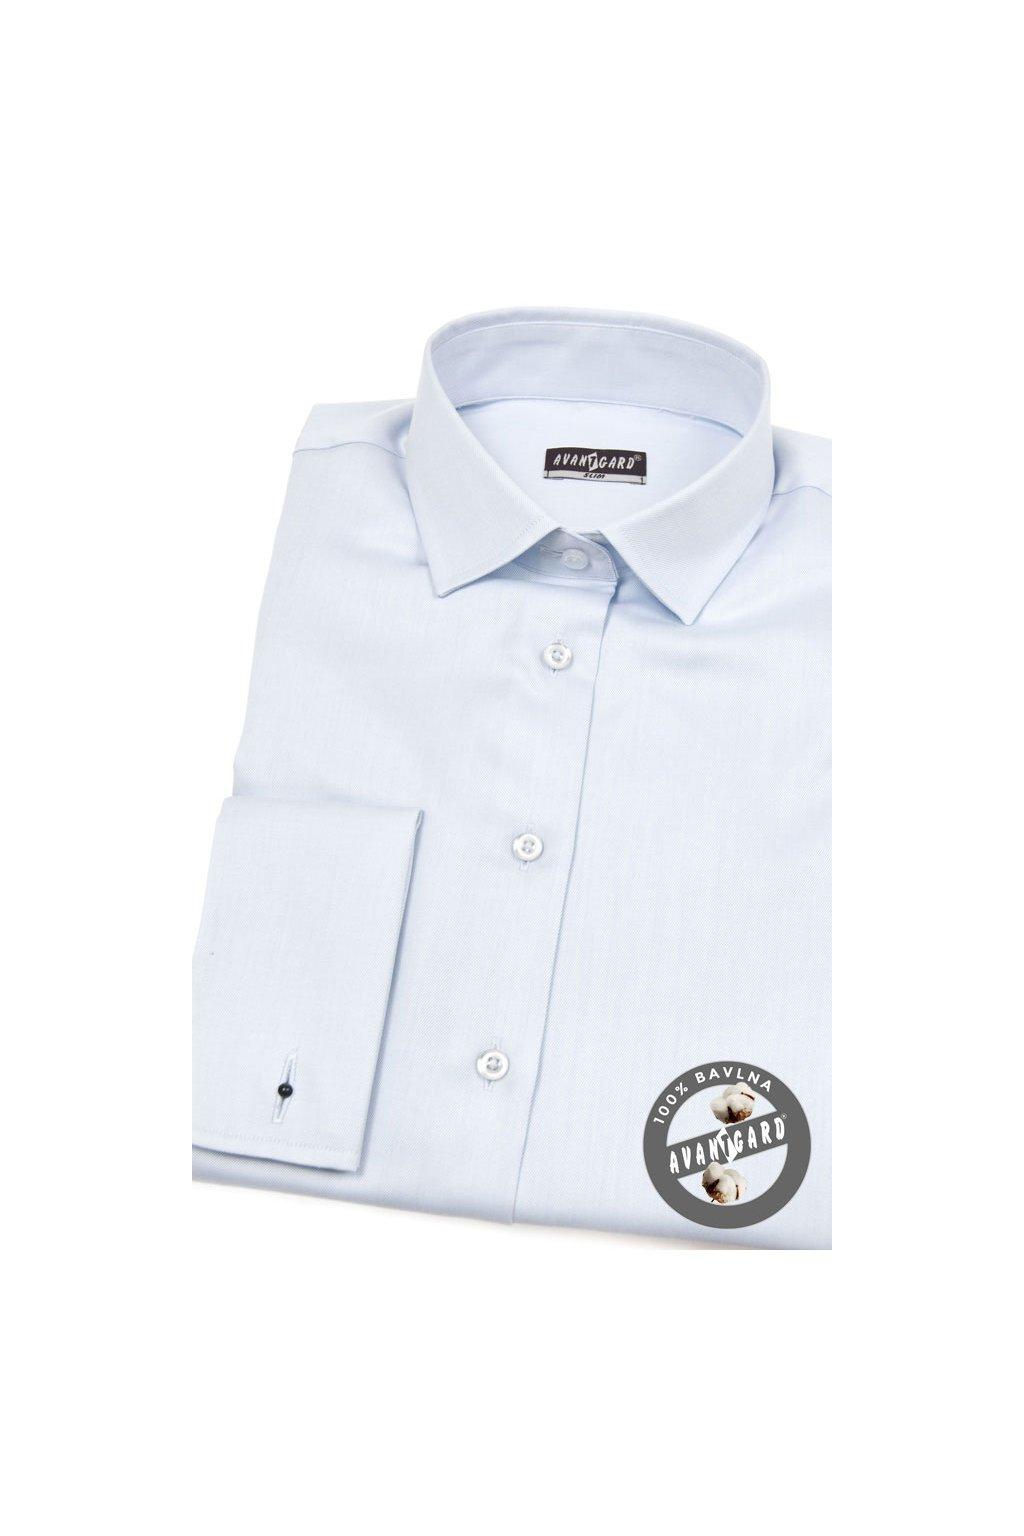 Dámská košile s dvojitými manžetami na manžetové knoflíčky modrá 722 - 4931